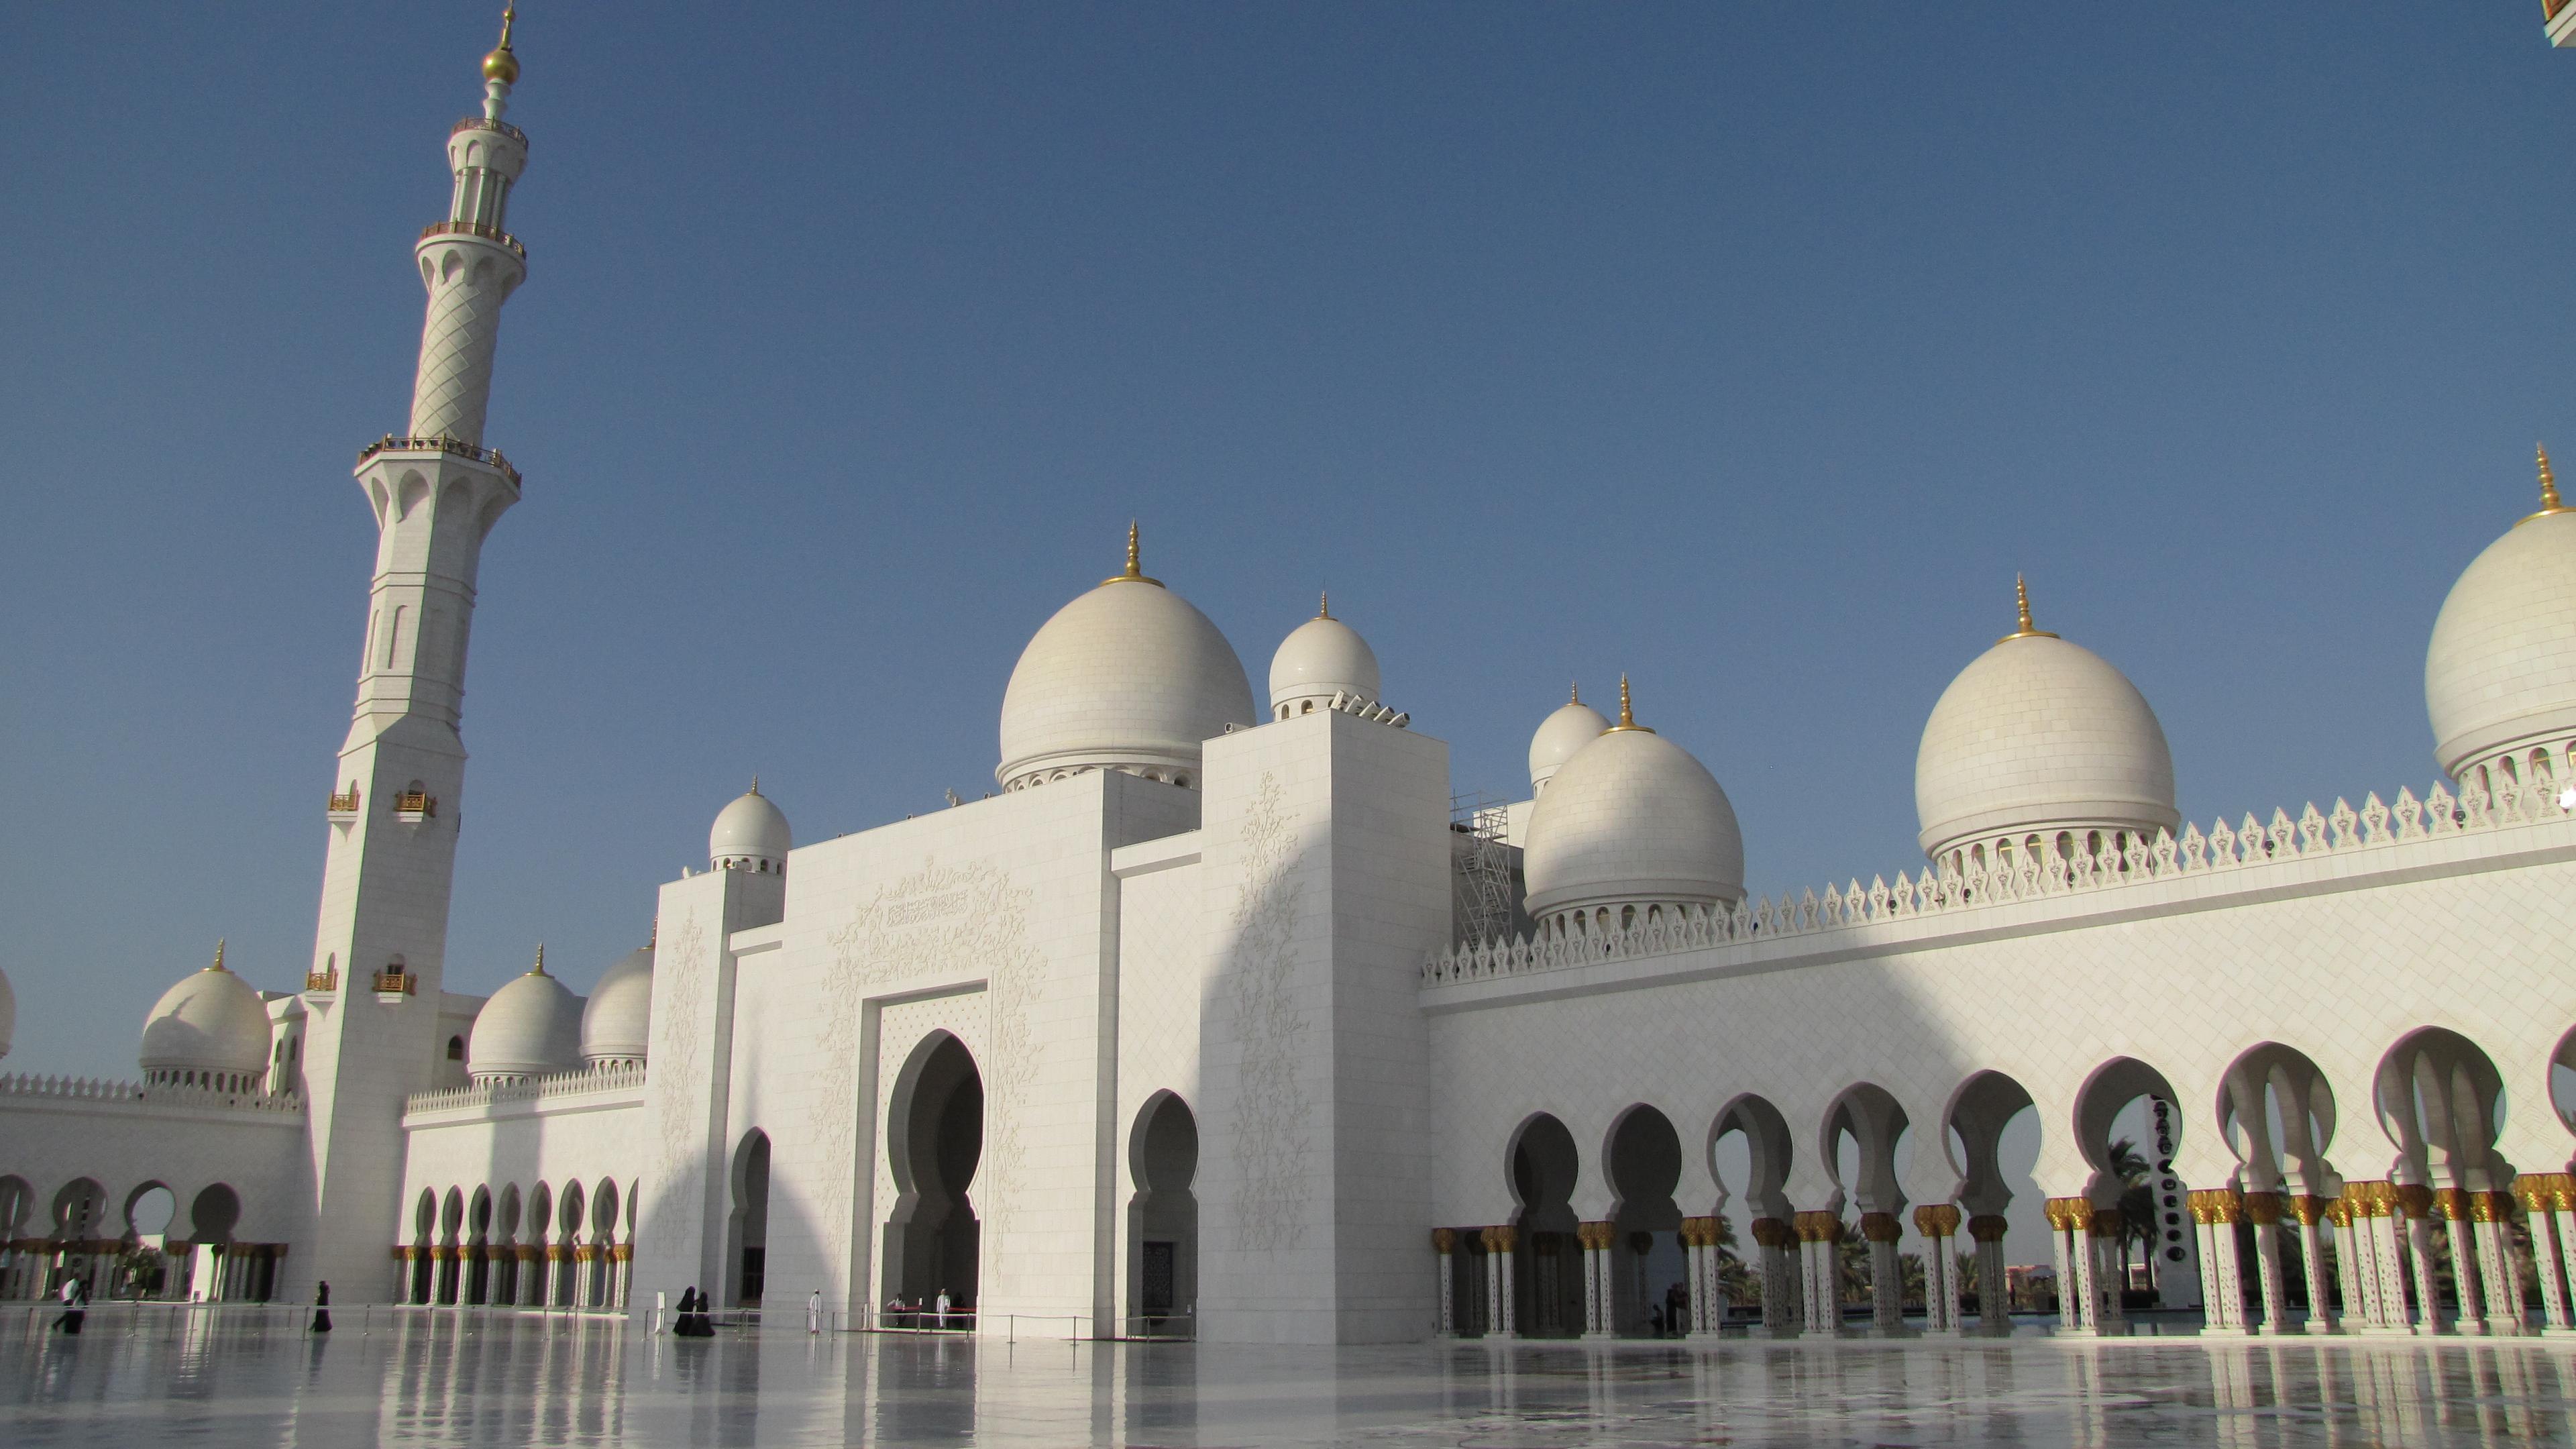 Moschea_Abu Dhabi